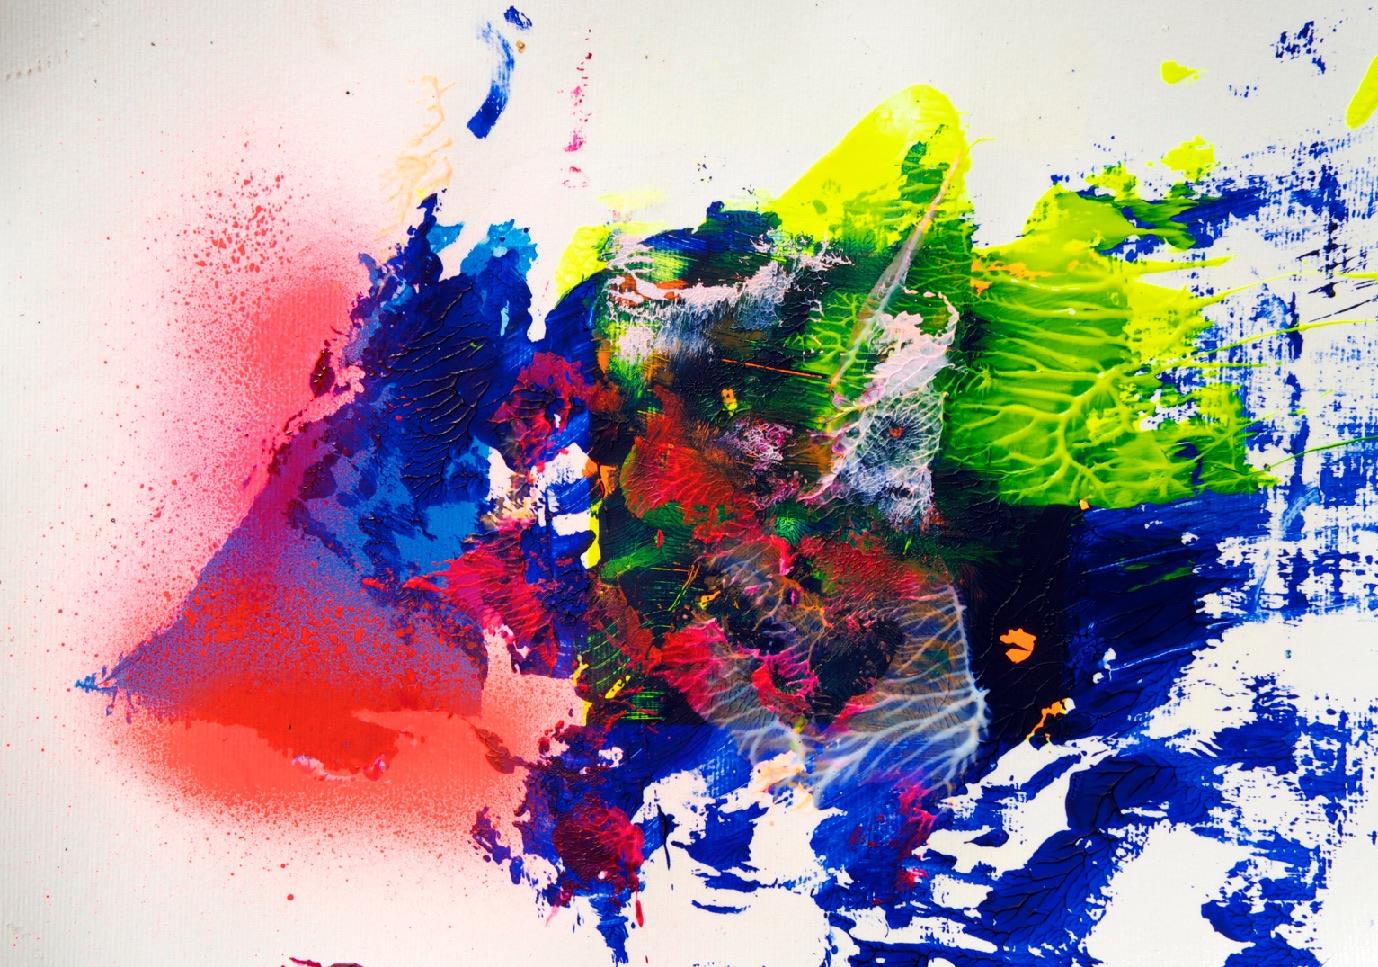 Sommer 2015 Theresa Kallrath KALLART Kunstakademie Düsseldorf 2015 ART Abstract ART Abstracte Kunst Modern Funky NEON LOVE PEACE 16-2